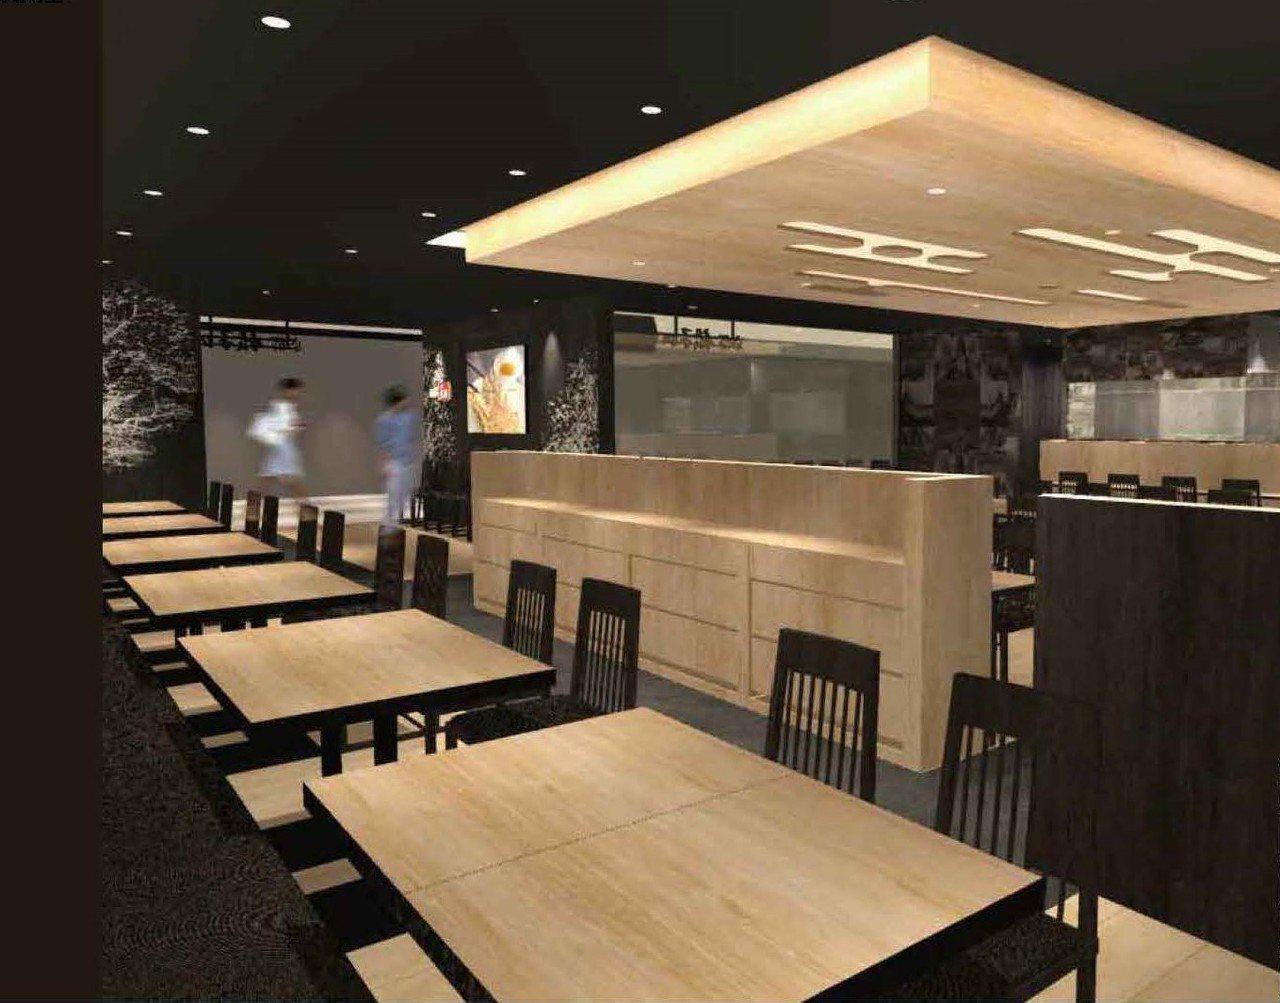 統一時代百貨店設有82席座位。圖/餃子的王將提供